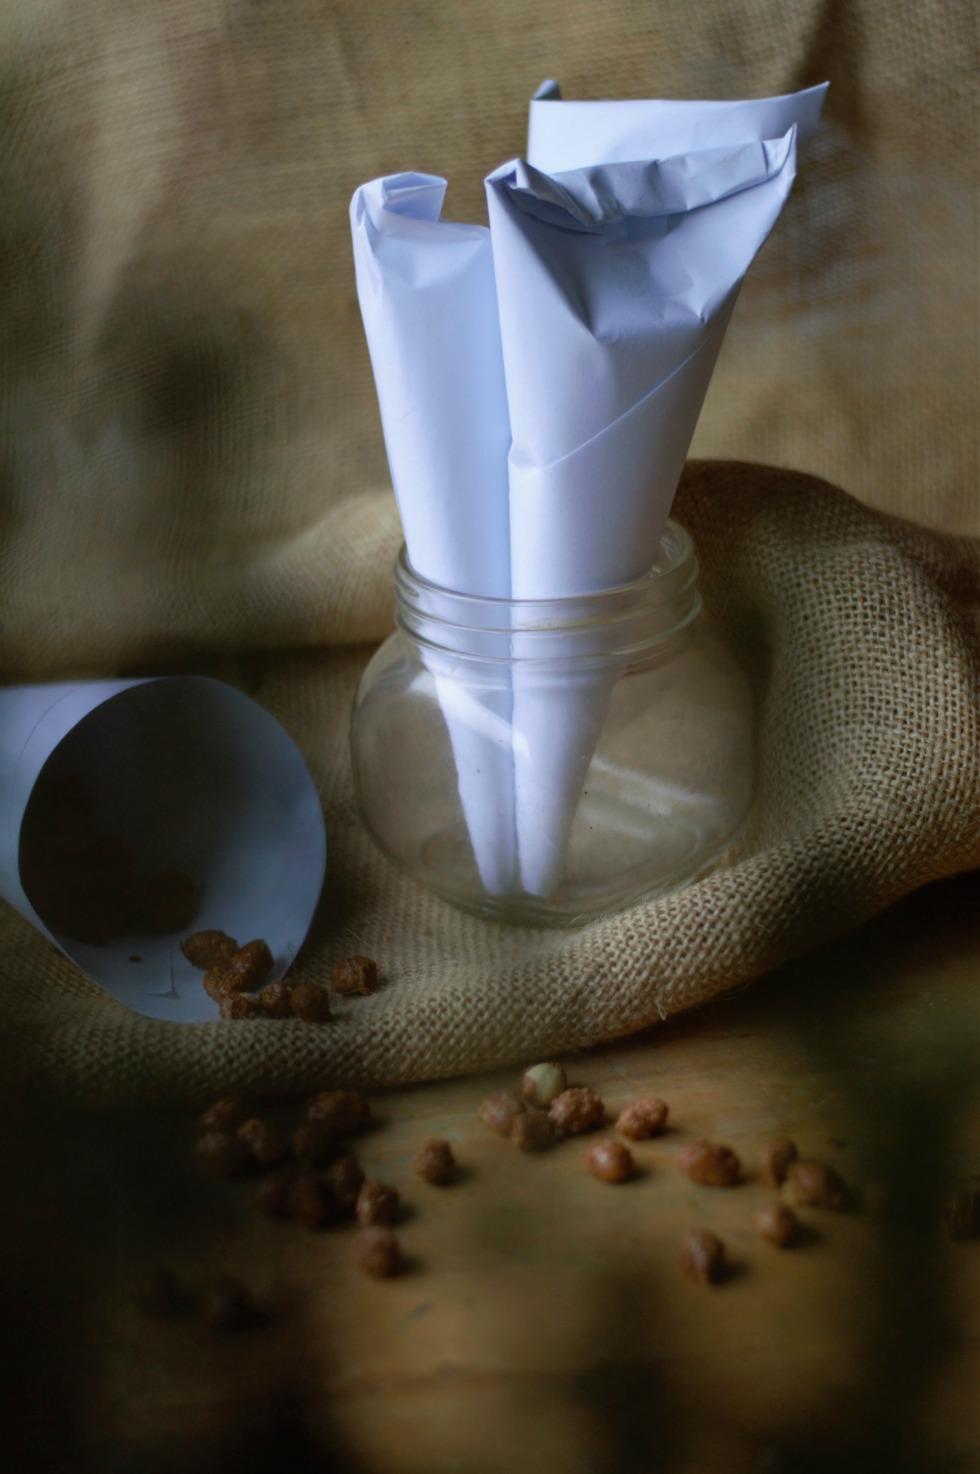 sokerihuurrutetut maapähkinät